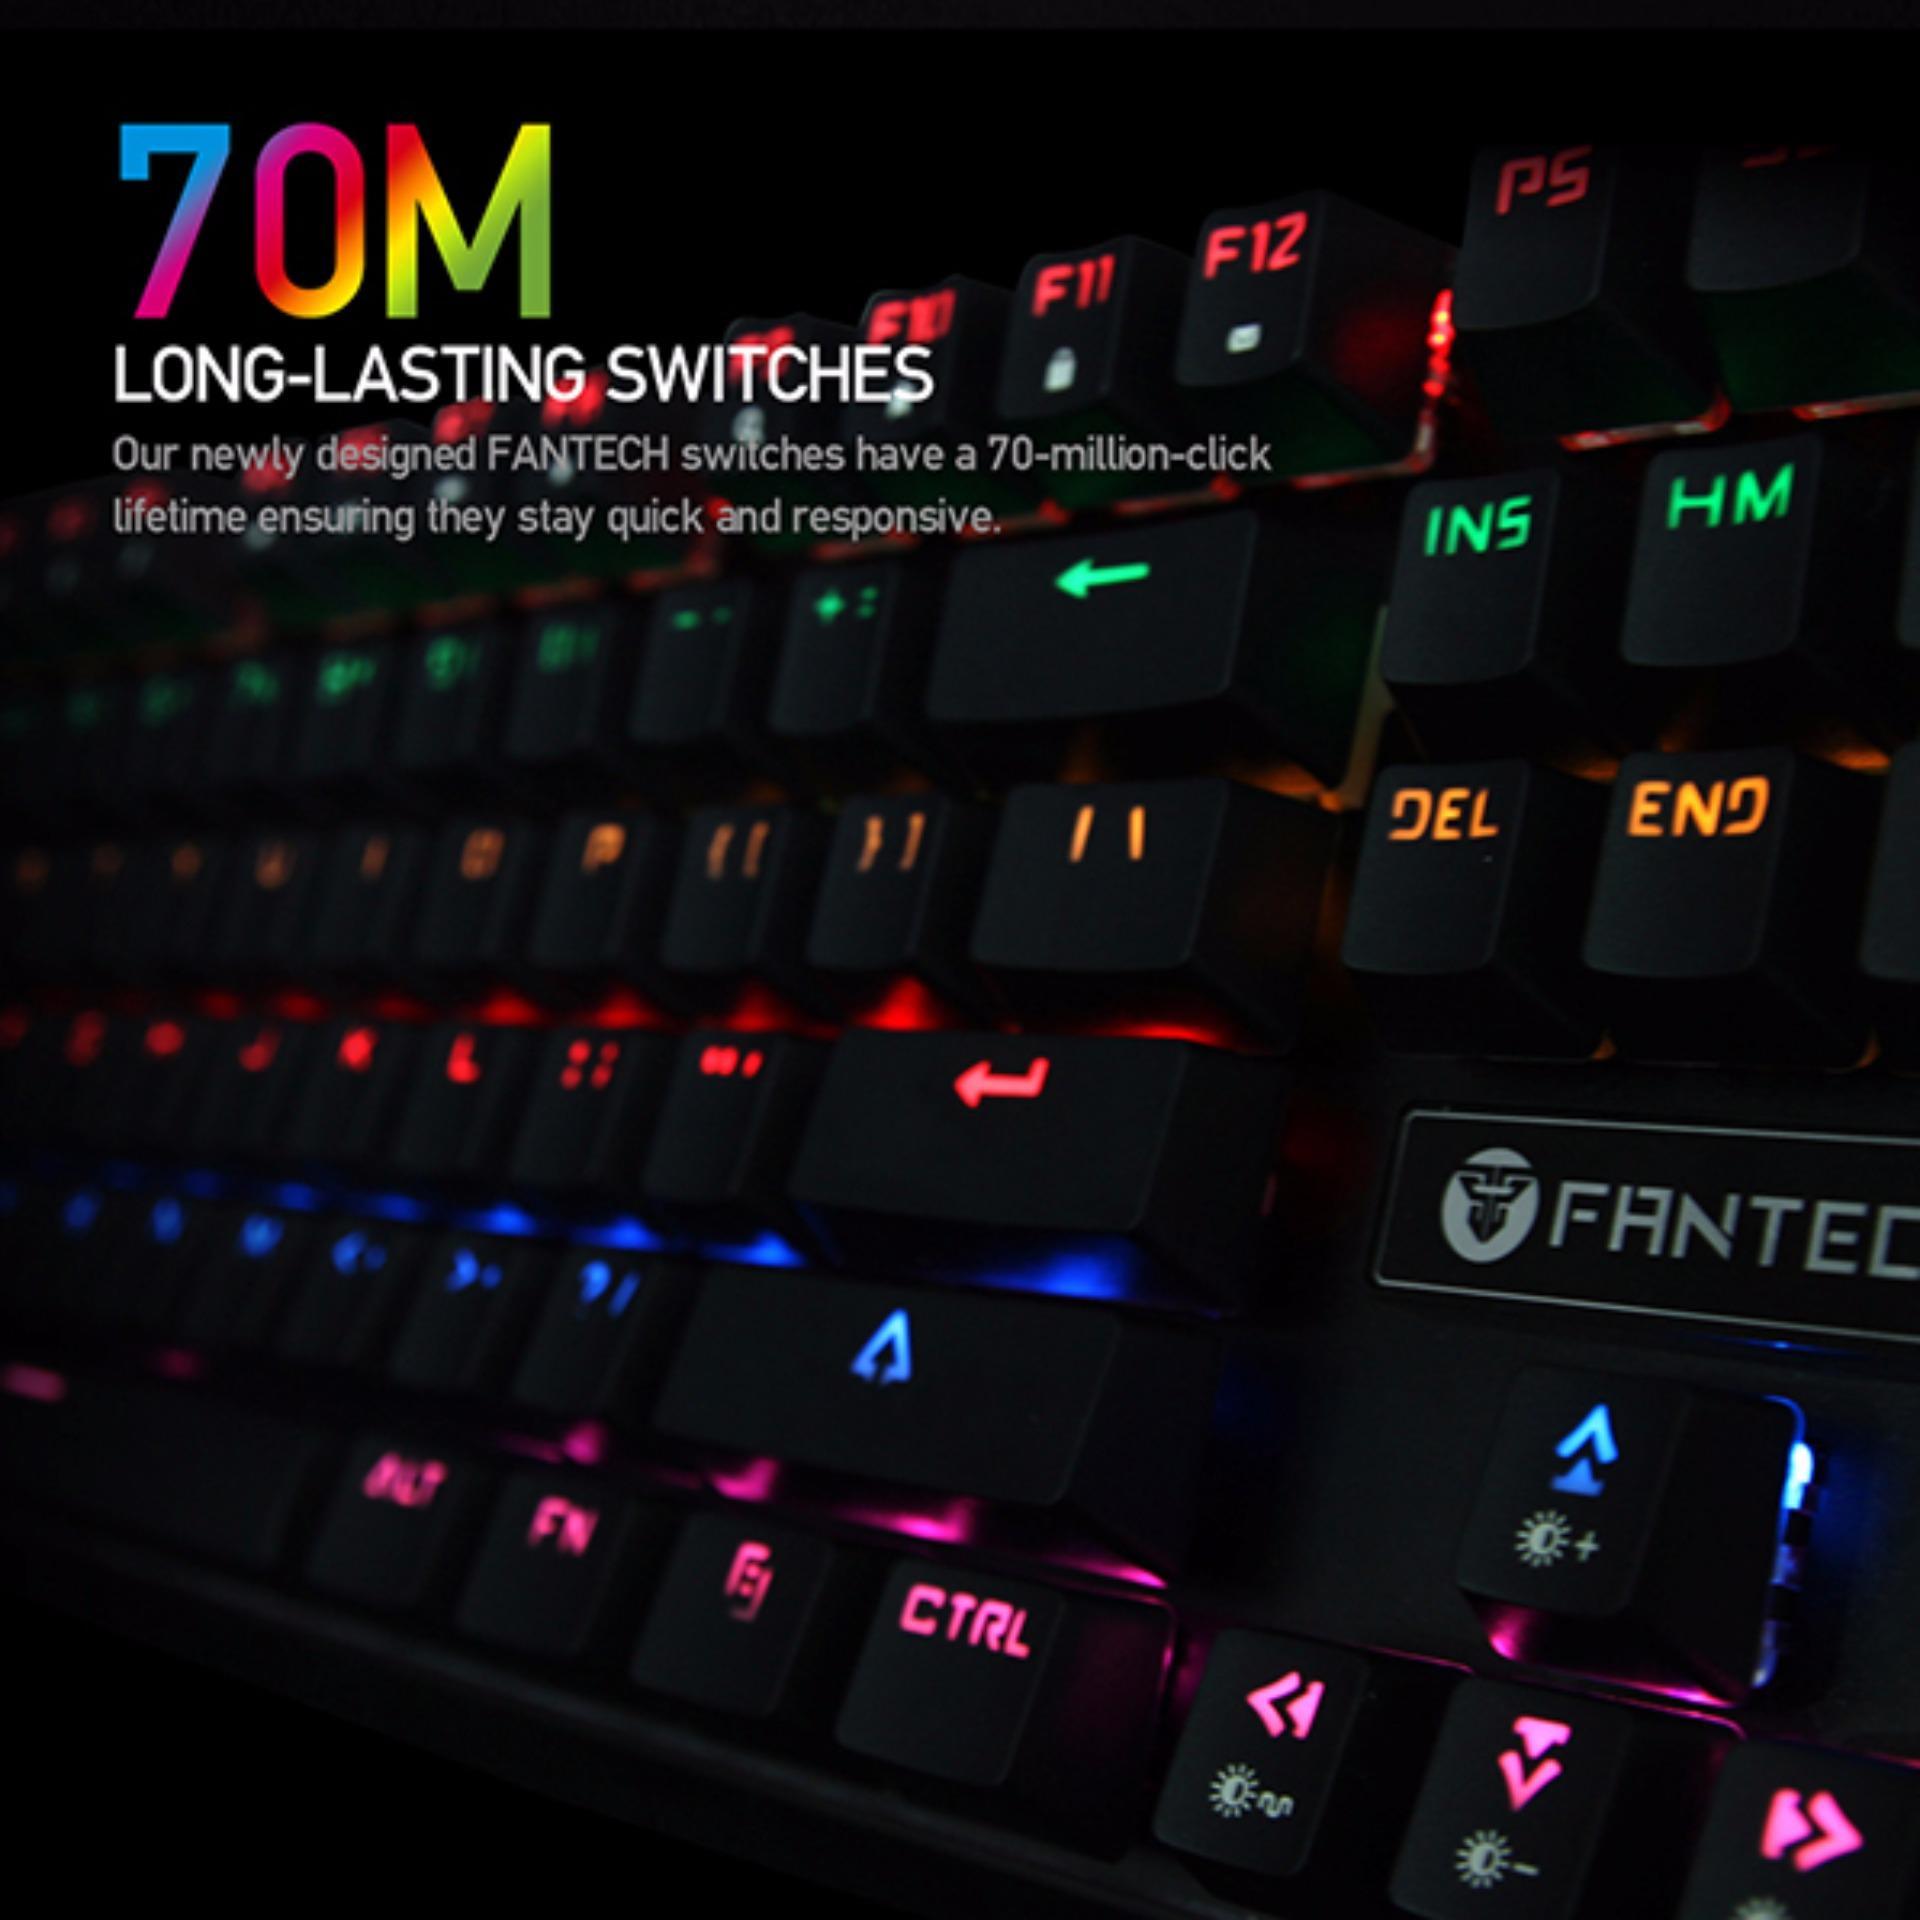 Mua Bn Phm Chi Game Fantech Gi Tt Fantech K710 Mechanical Keyboard Semi C Rgb Mk871